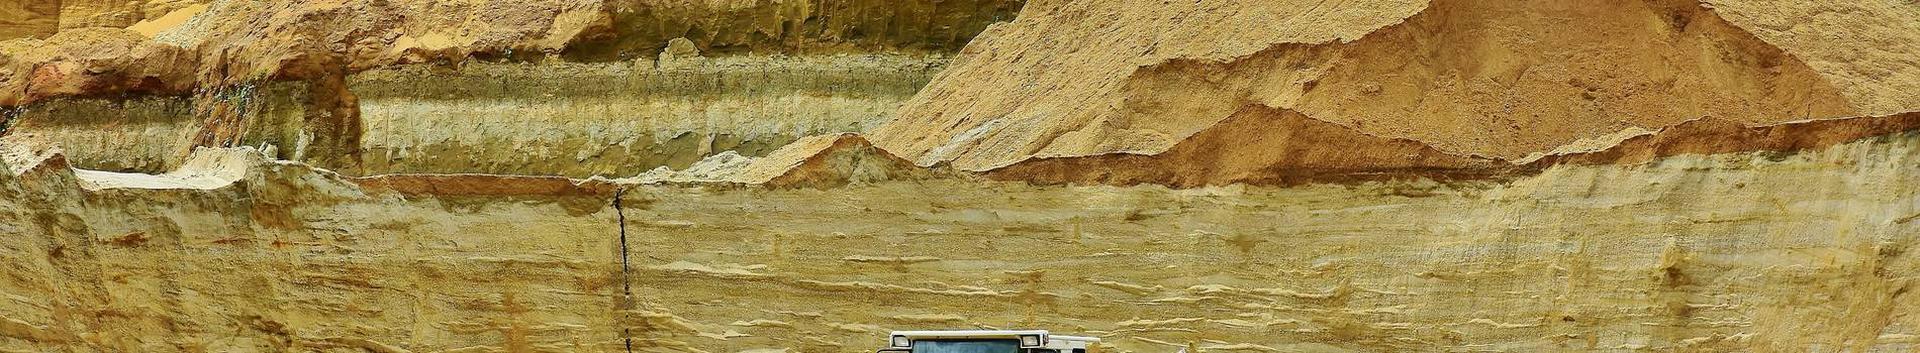 07291_mitteraudmetallide-kaevandamine_81855508_xl.jpg